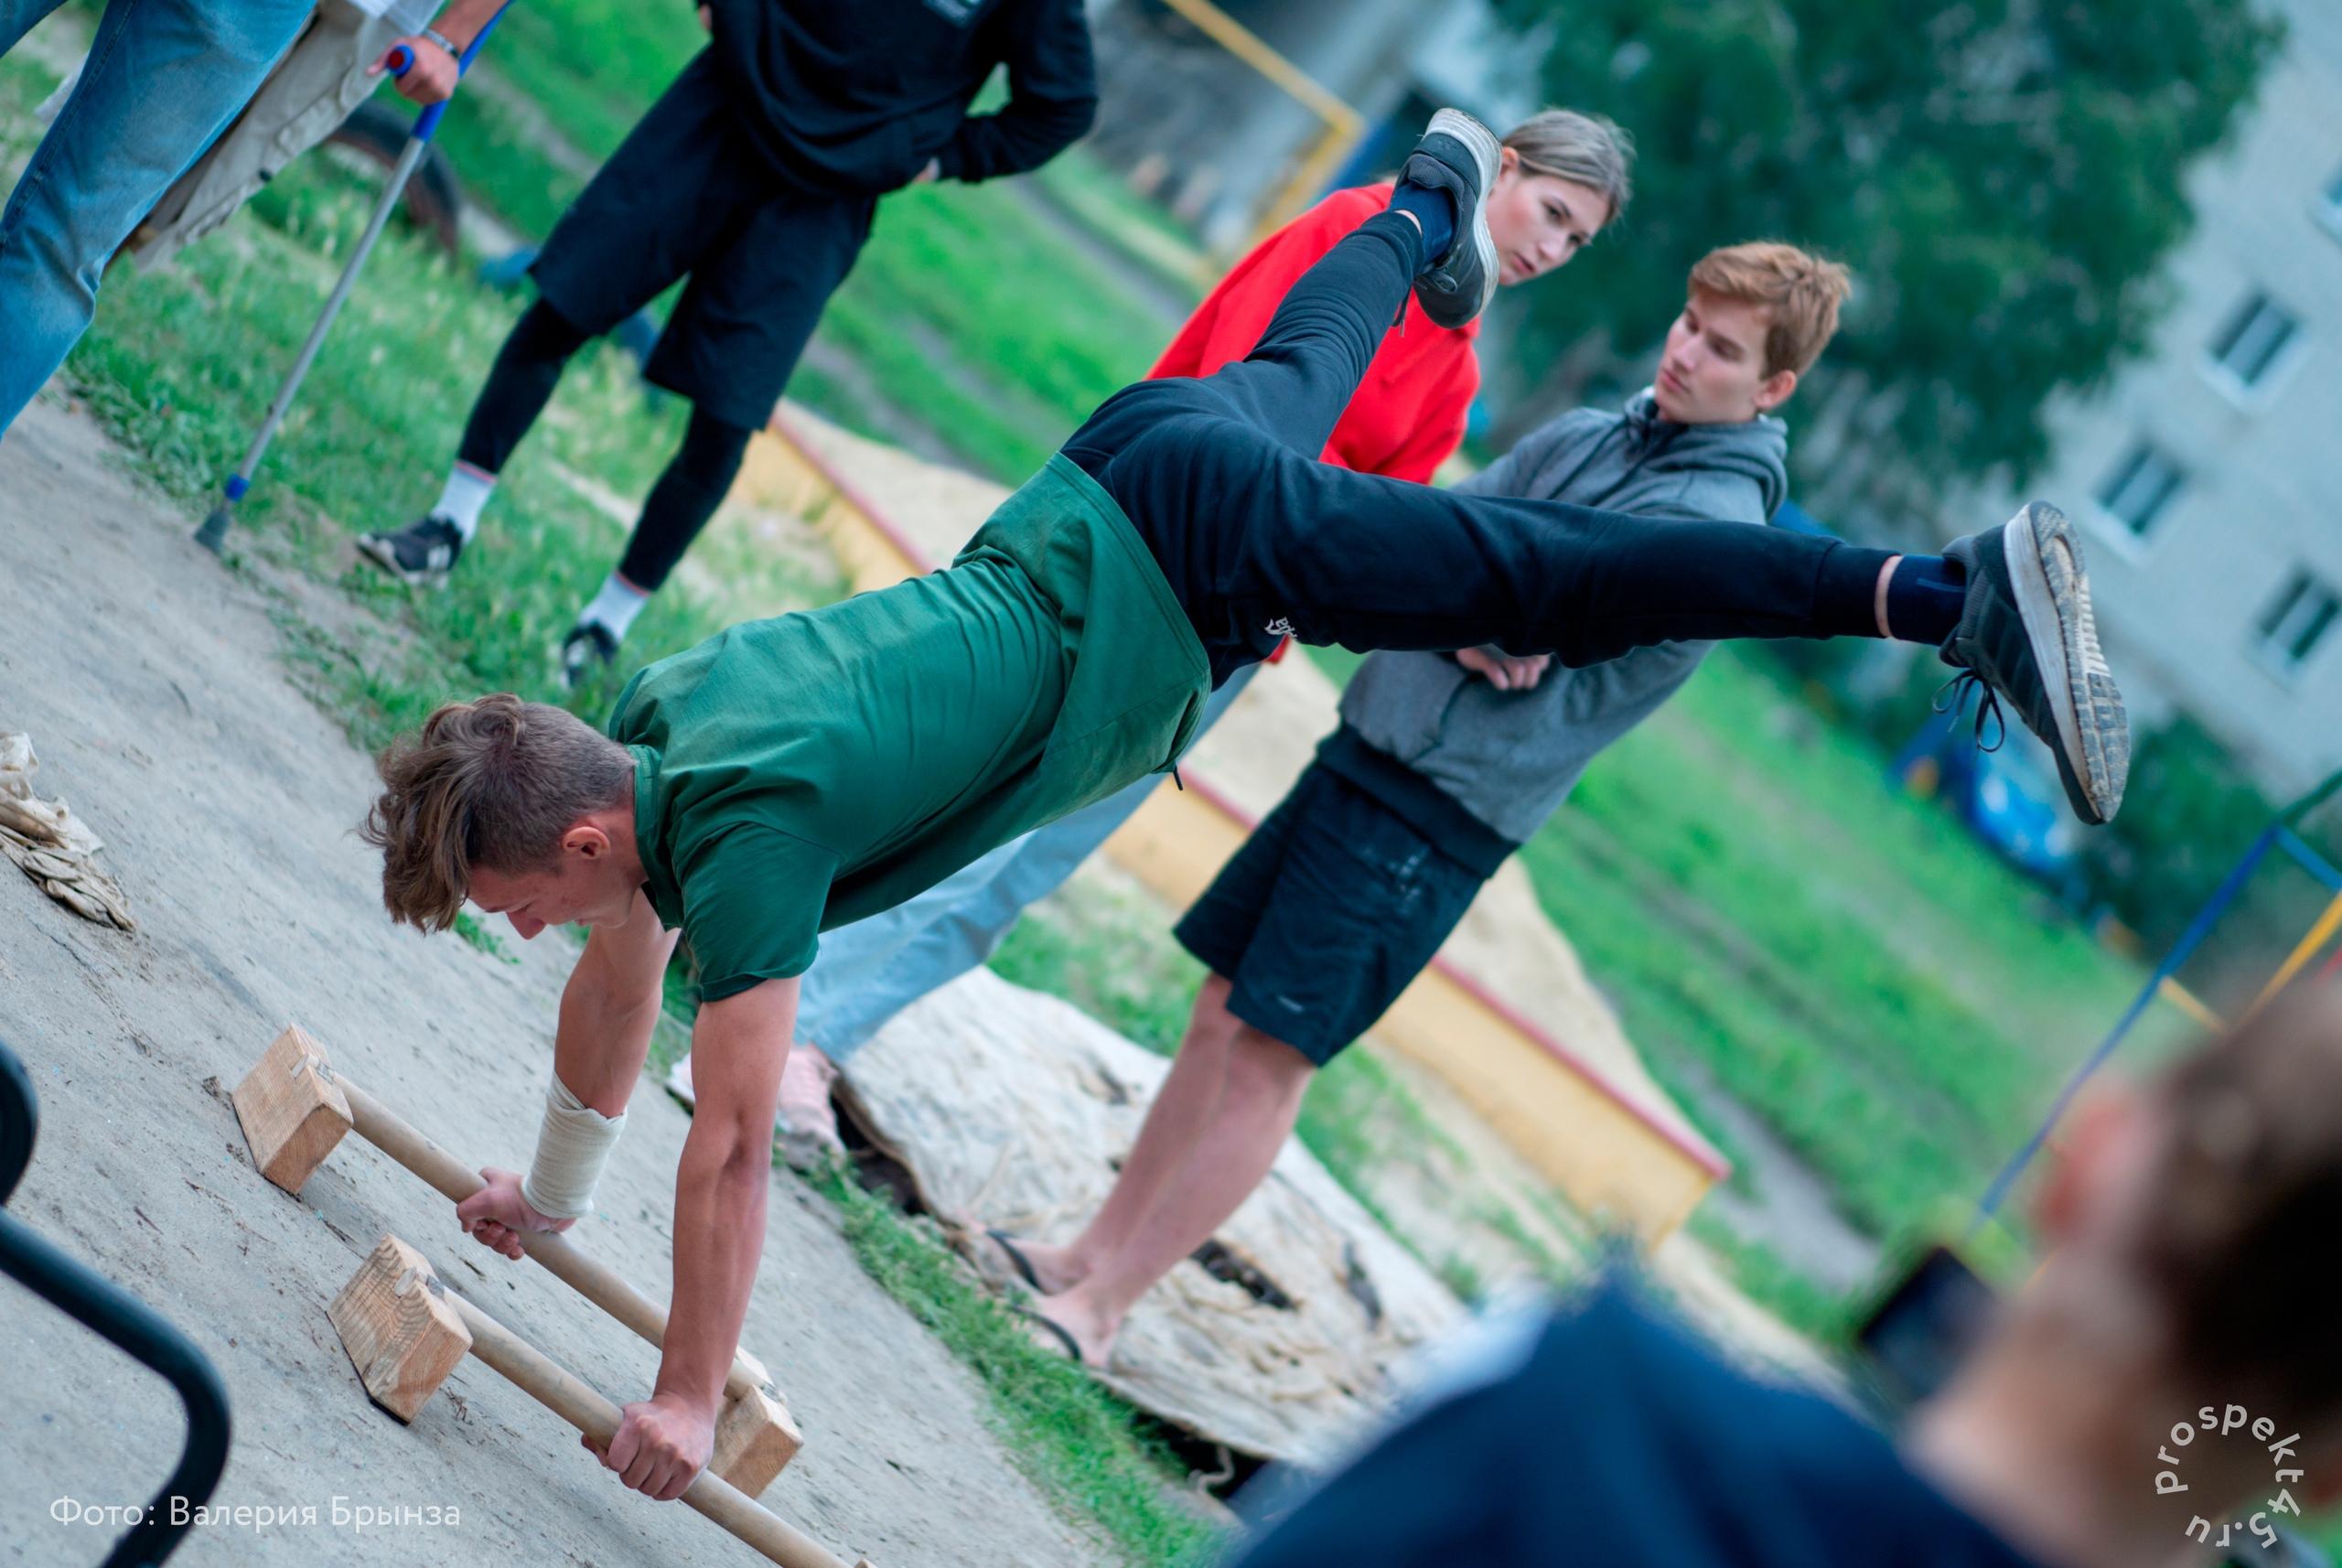 При поддержке Департамента образования и науки состоялся  отборочный турнир национального чемпионата по дисциплинам воздушно-силовой атлетики и воркаута